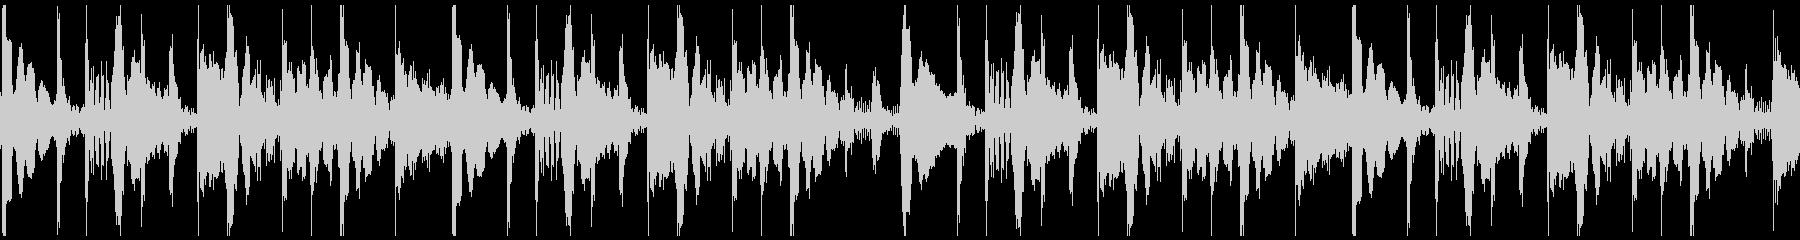 ハウスアフロ ループの未再生の波形